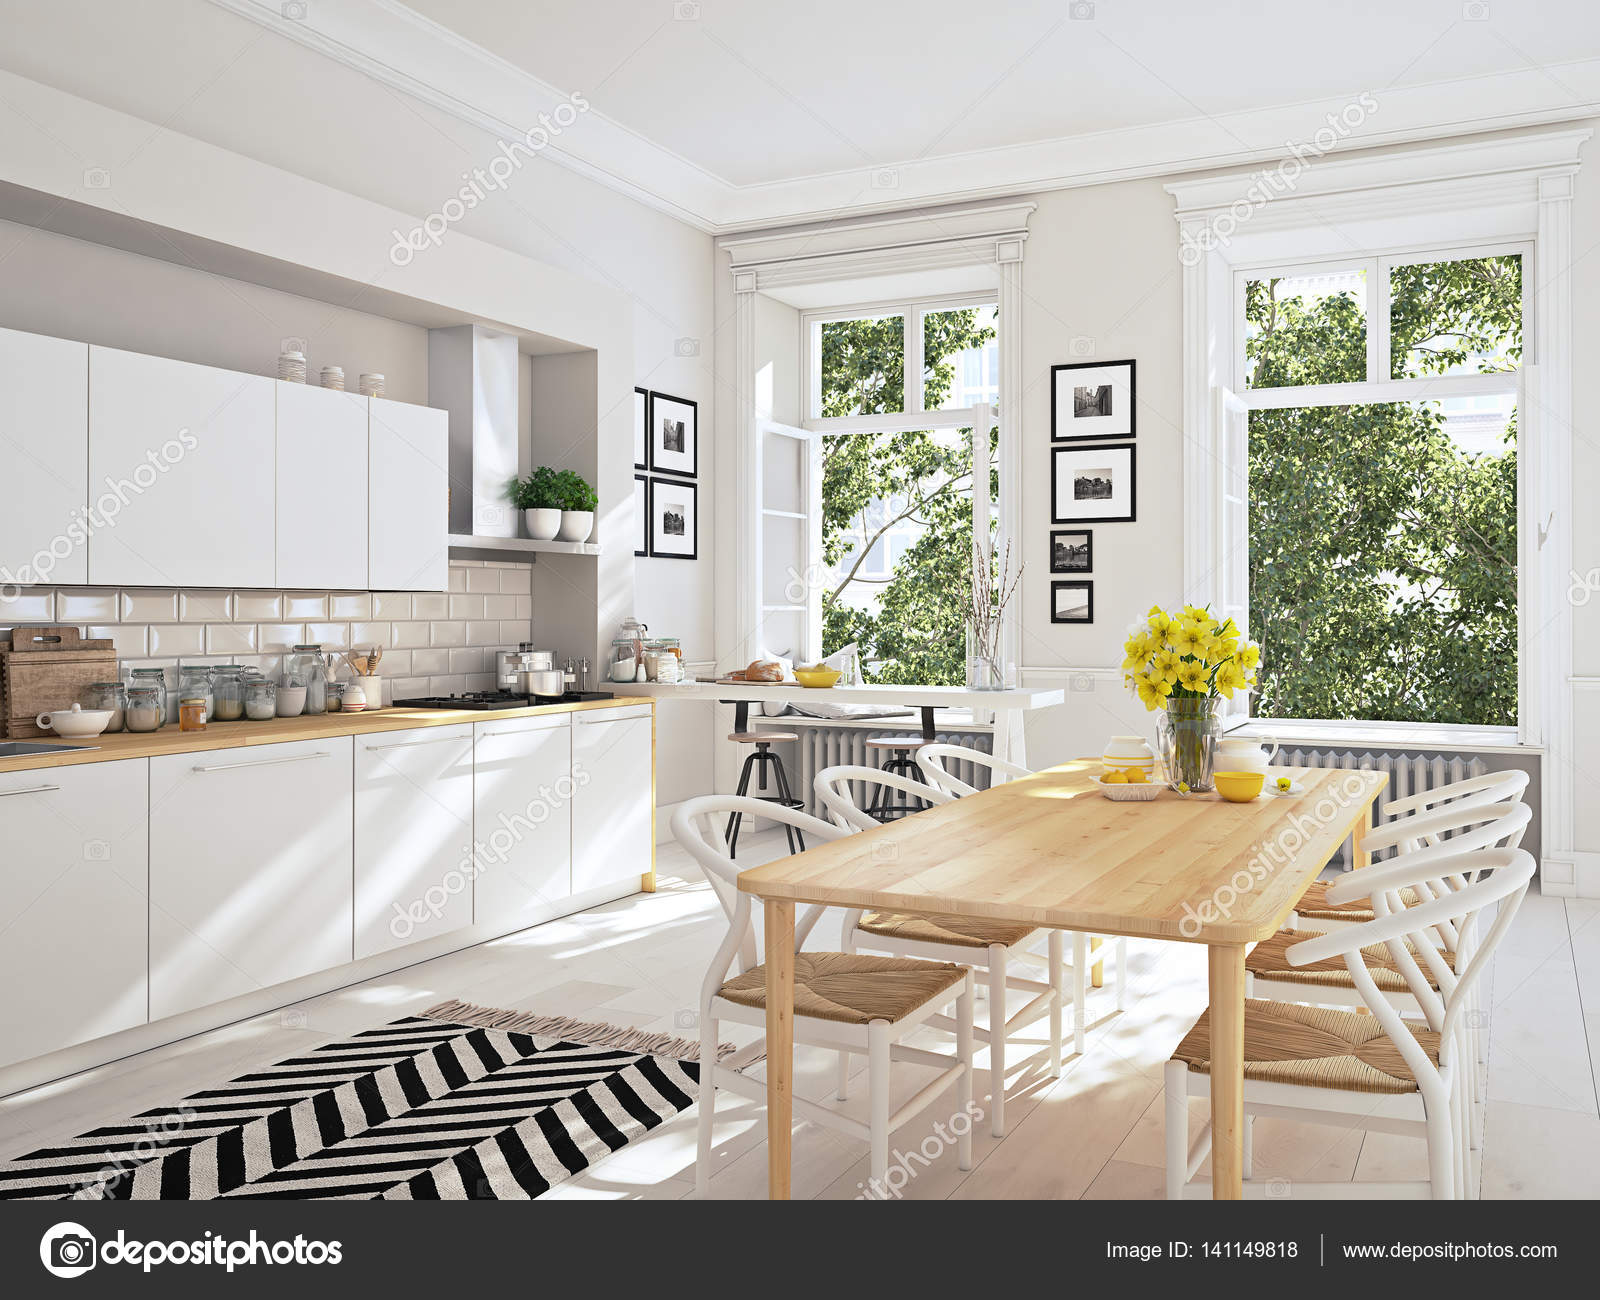 Moderne nordische küche in loft wohnung. 3d rendering u2014 stockfoto